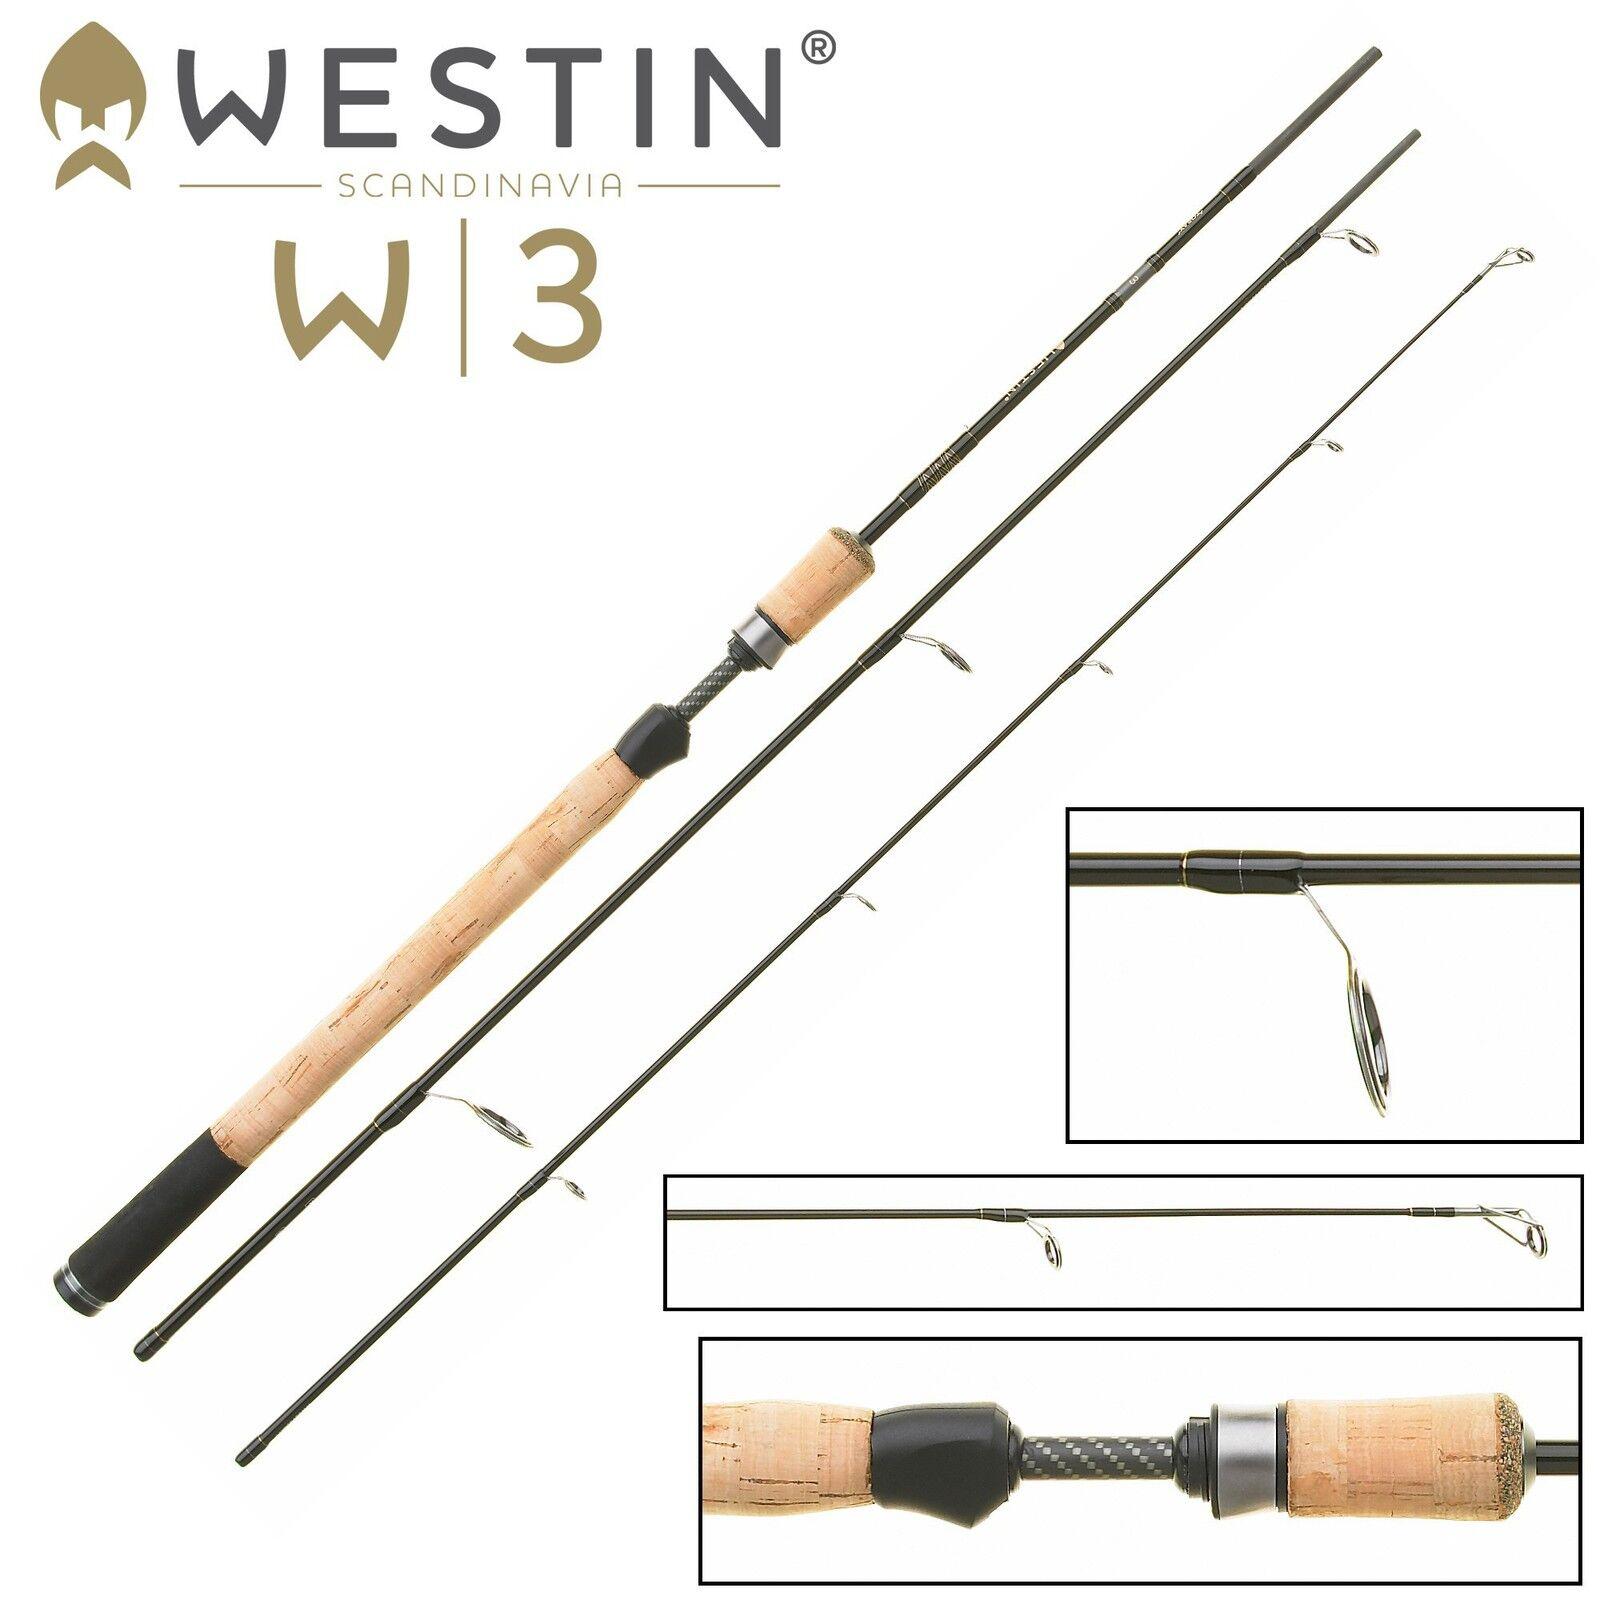 Westin W3 Spin 300cm M 7-30g - Spinnrute für Meerforellen, Allroundrute